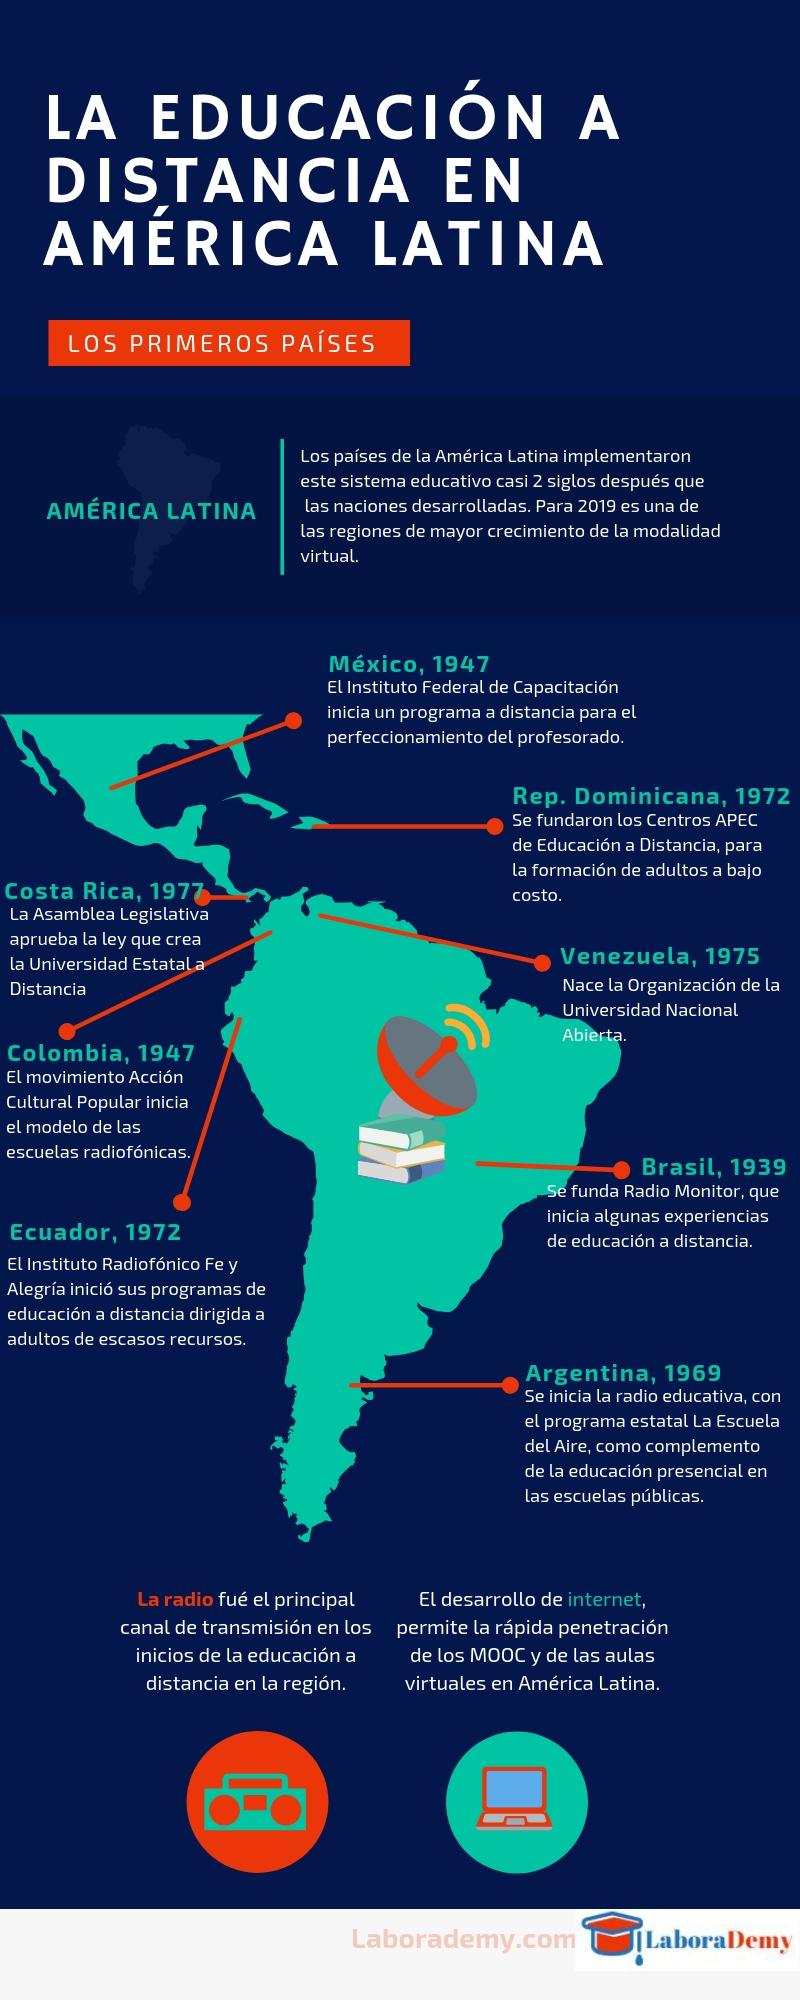 Historia de la educación a distancia en América Latina